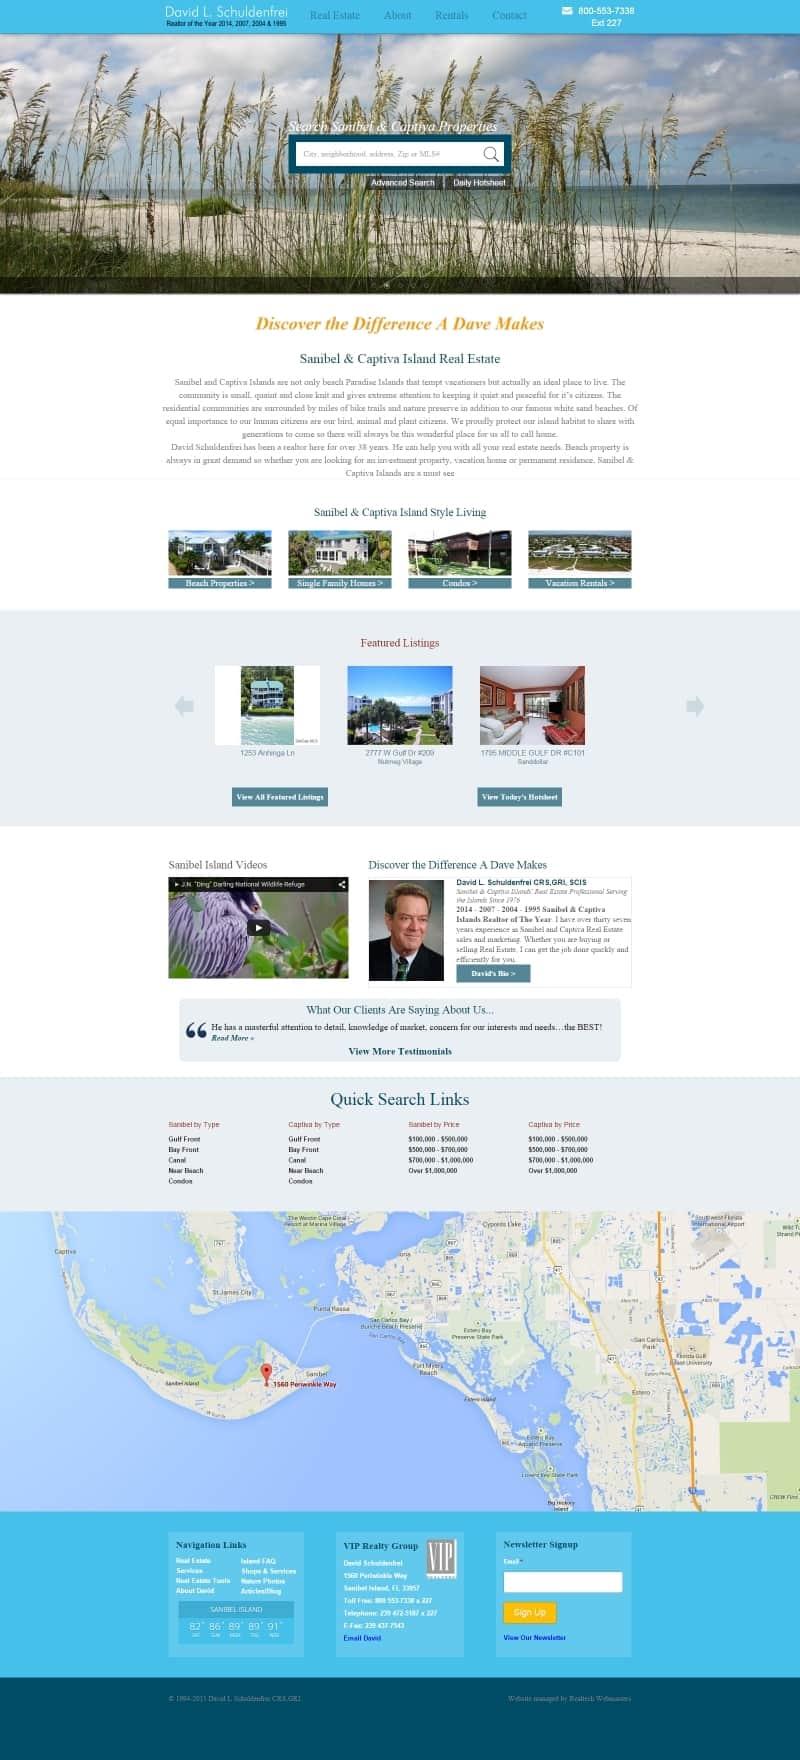 Schuldenfrei Real Estate - Main